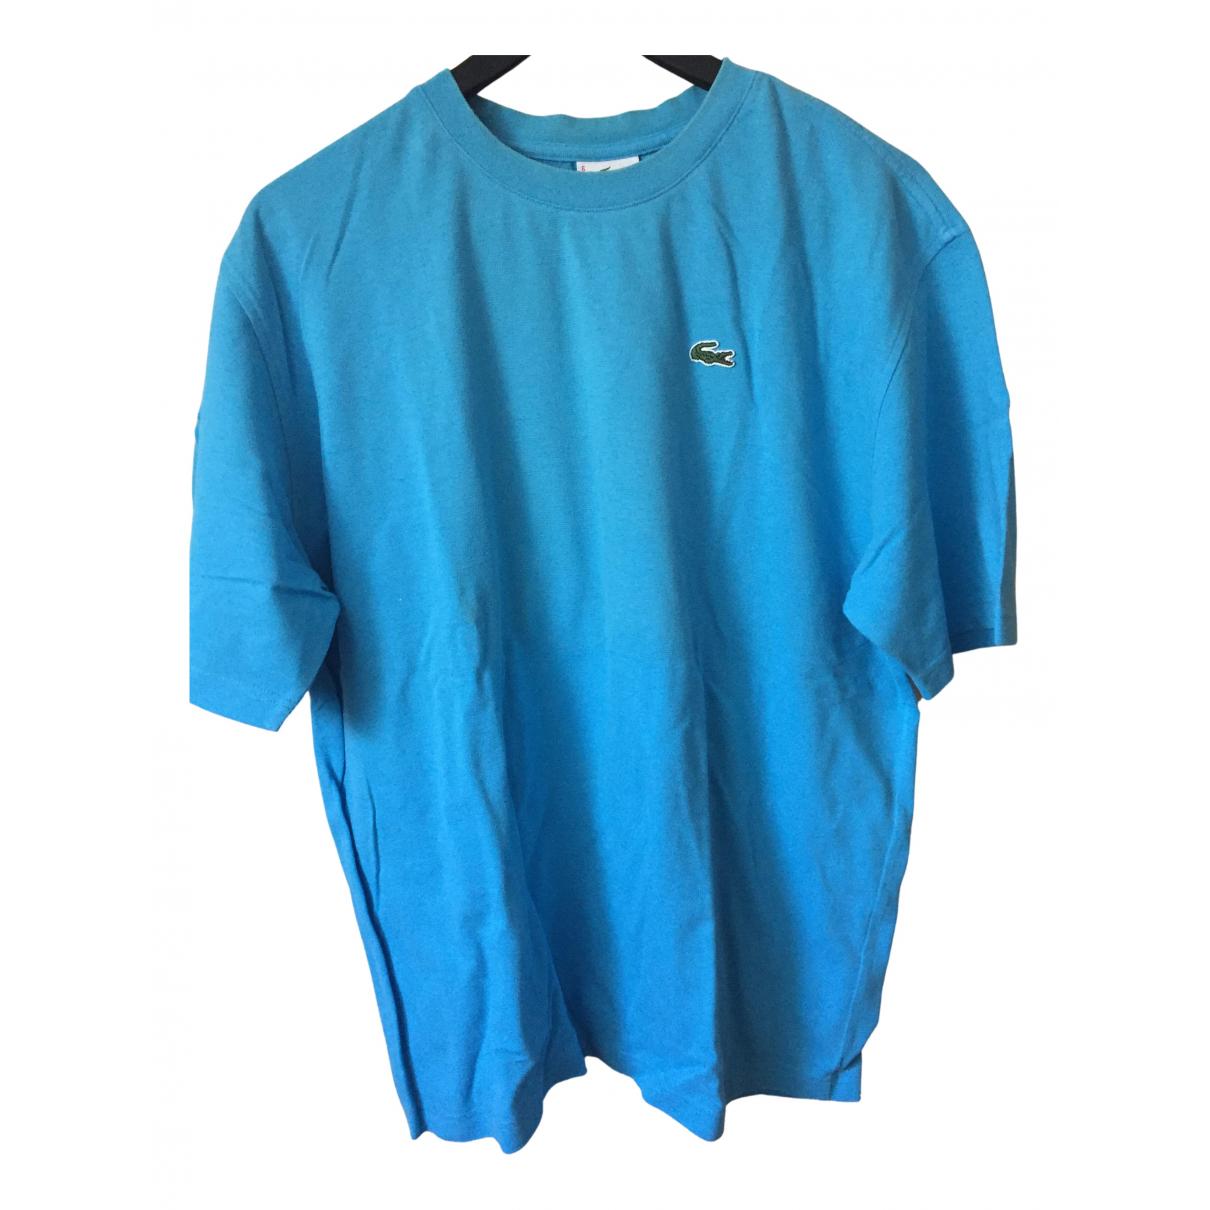 Lacoste N Blue Cotton T-shirts for Men 6 0 - 6